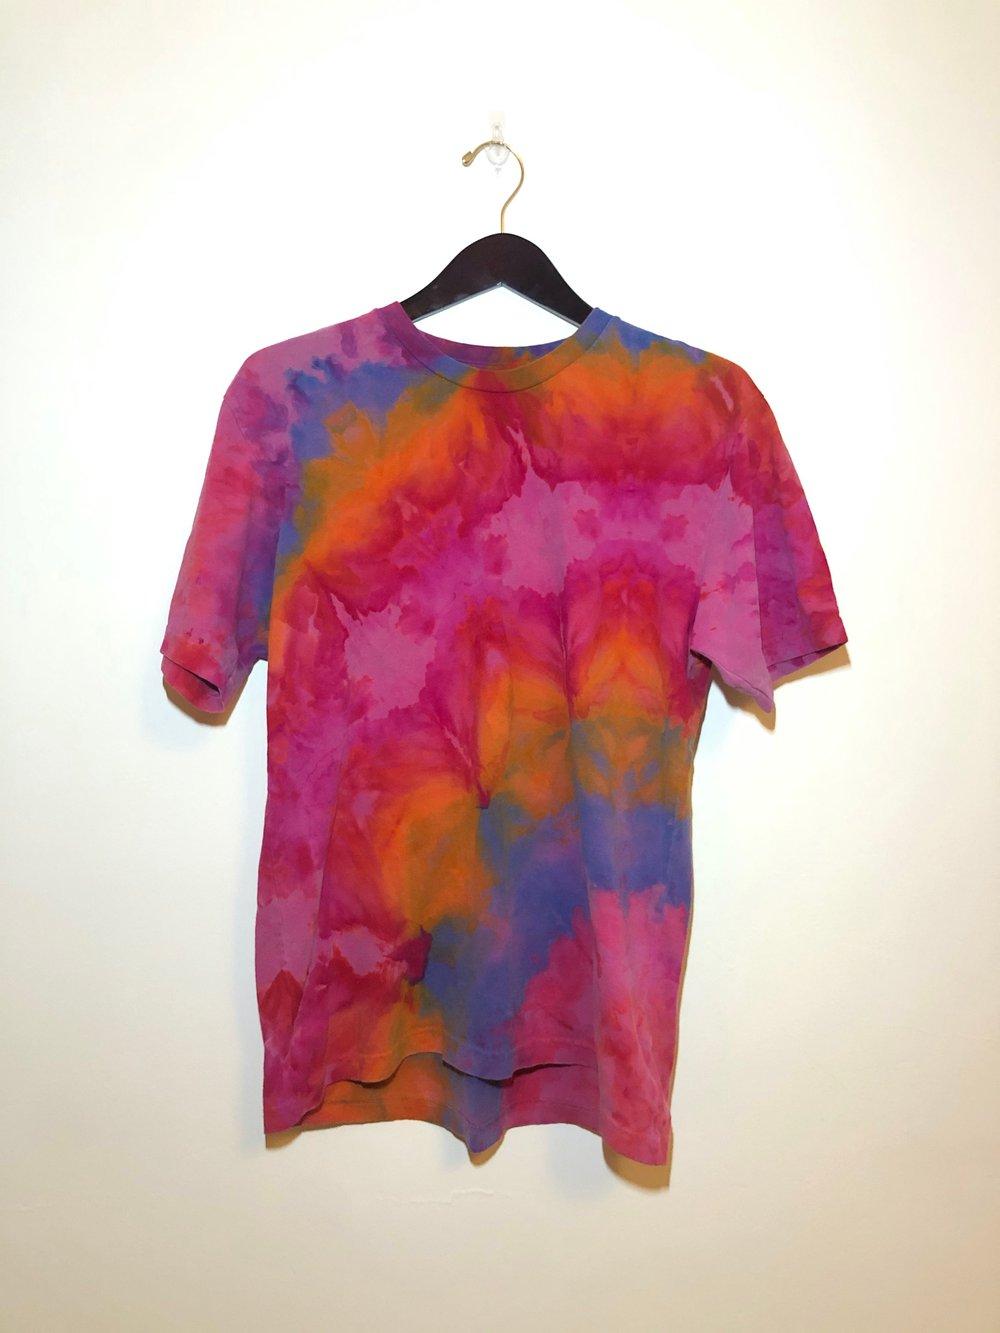 Shirt #7 - Small